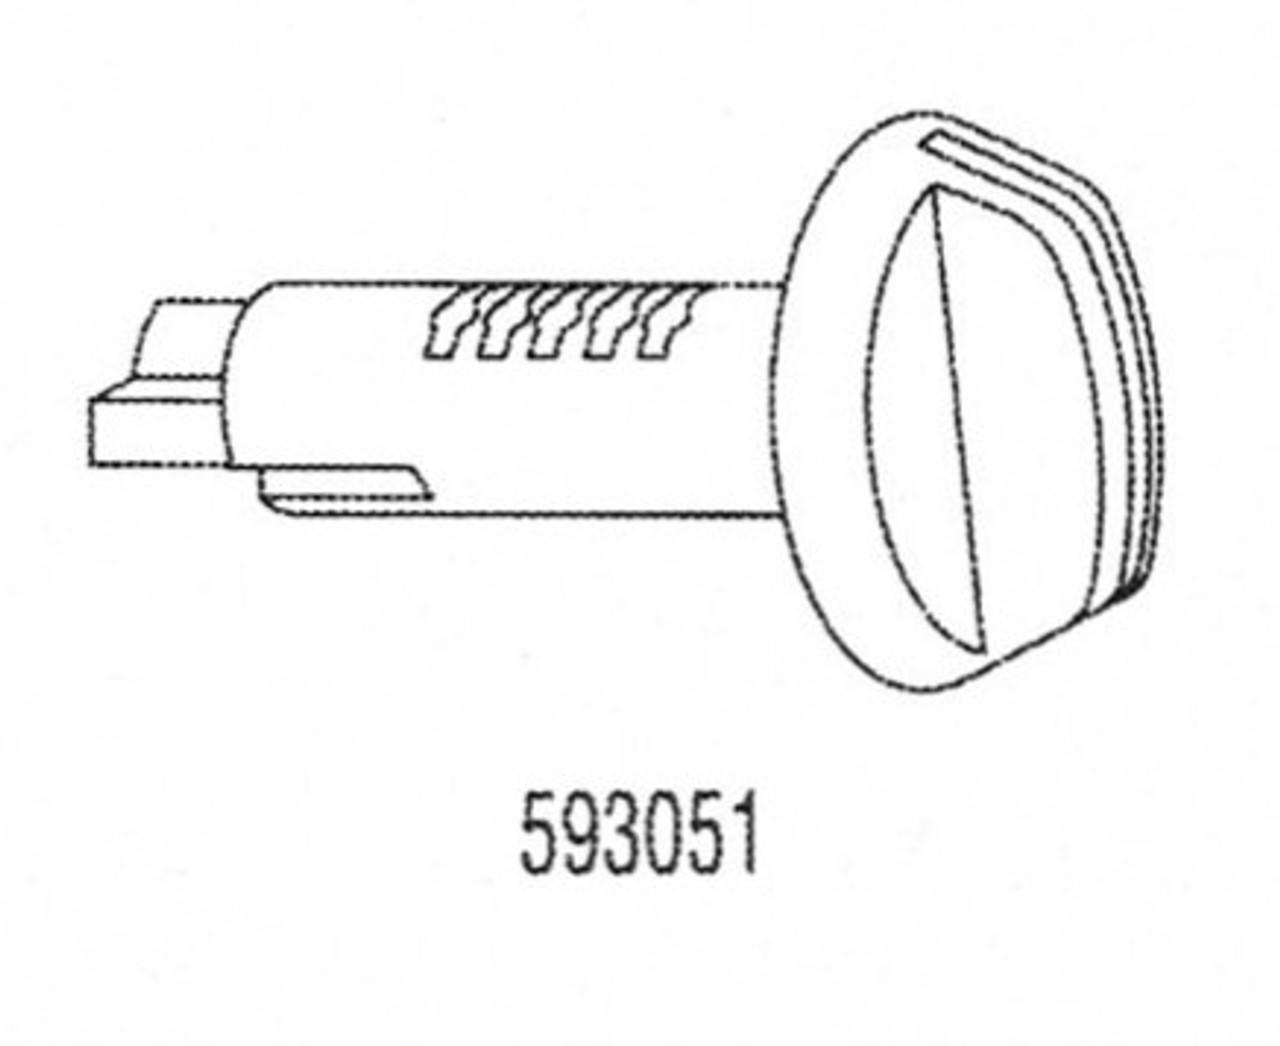 Strattec/Briggs & Stratton Glove Box Plug 593051